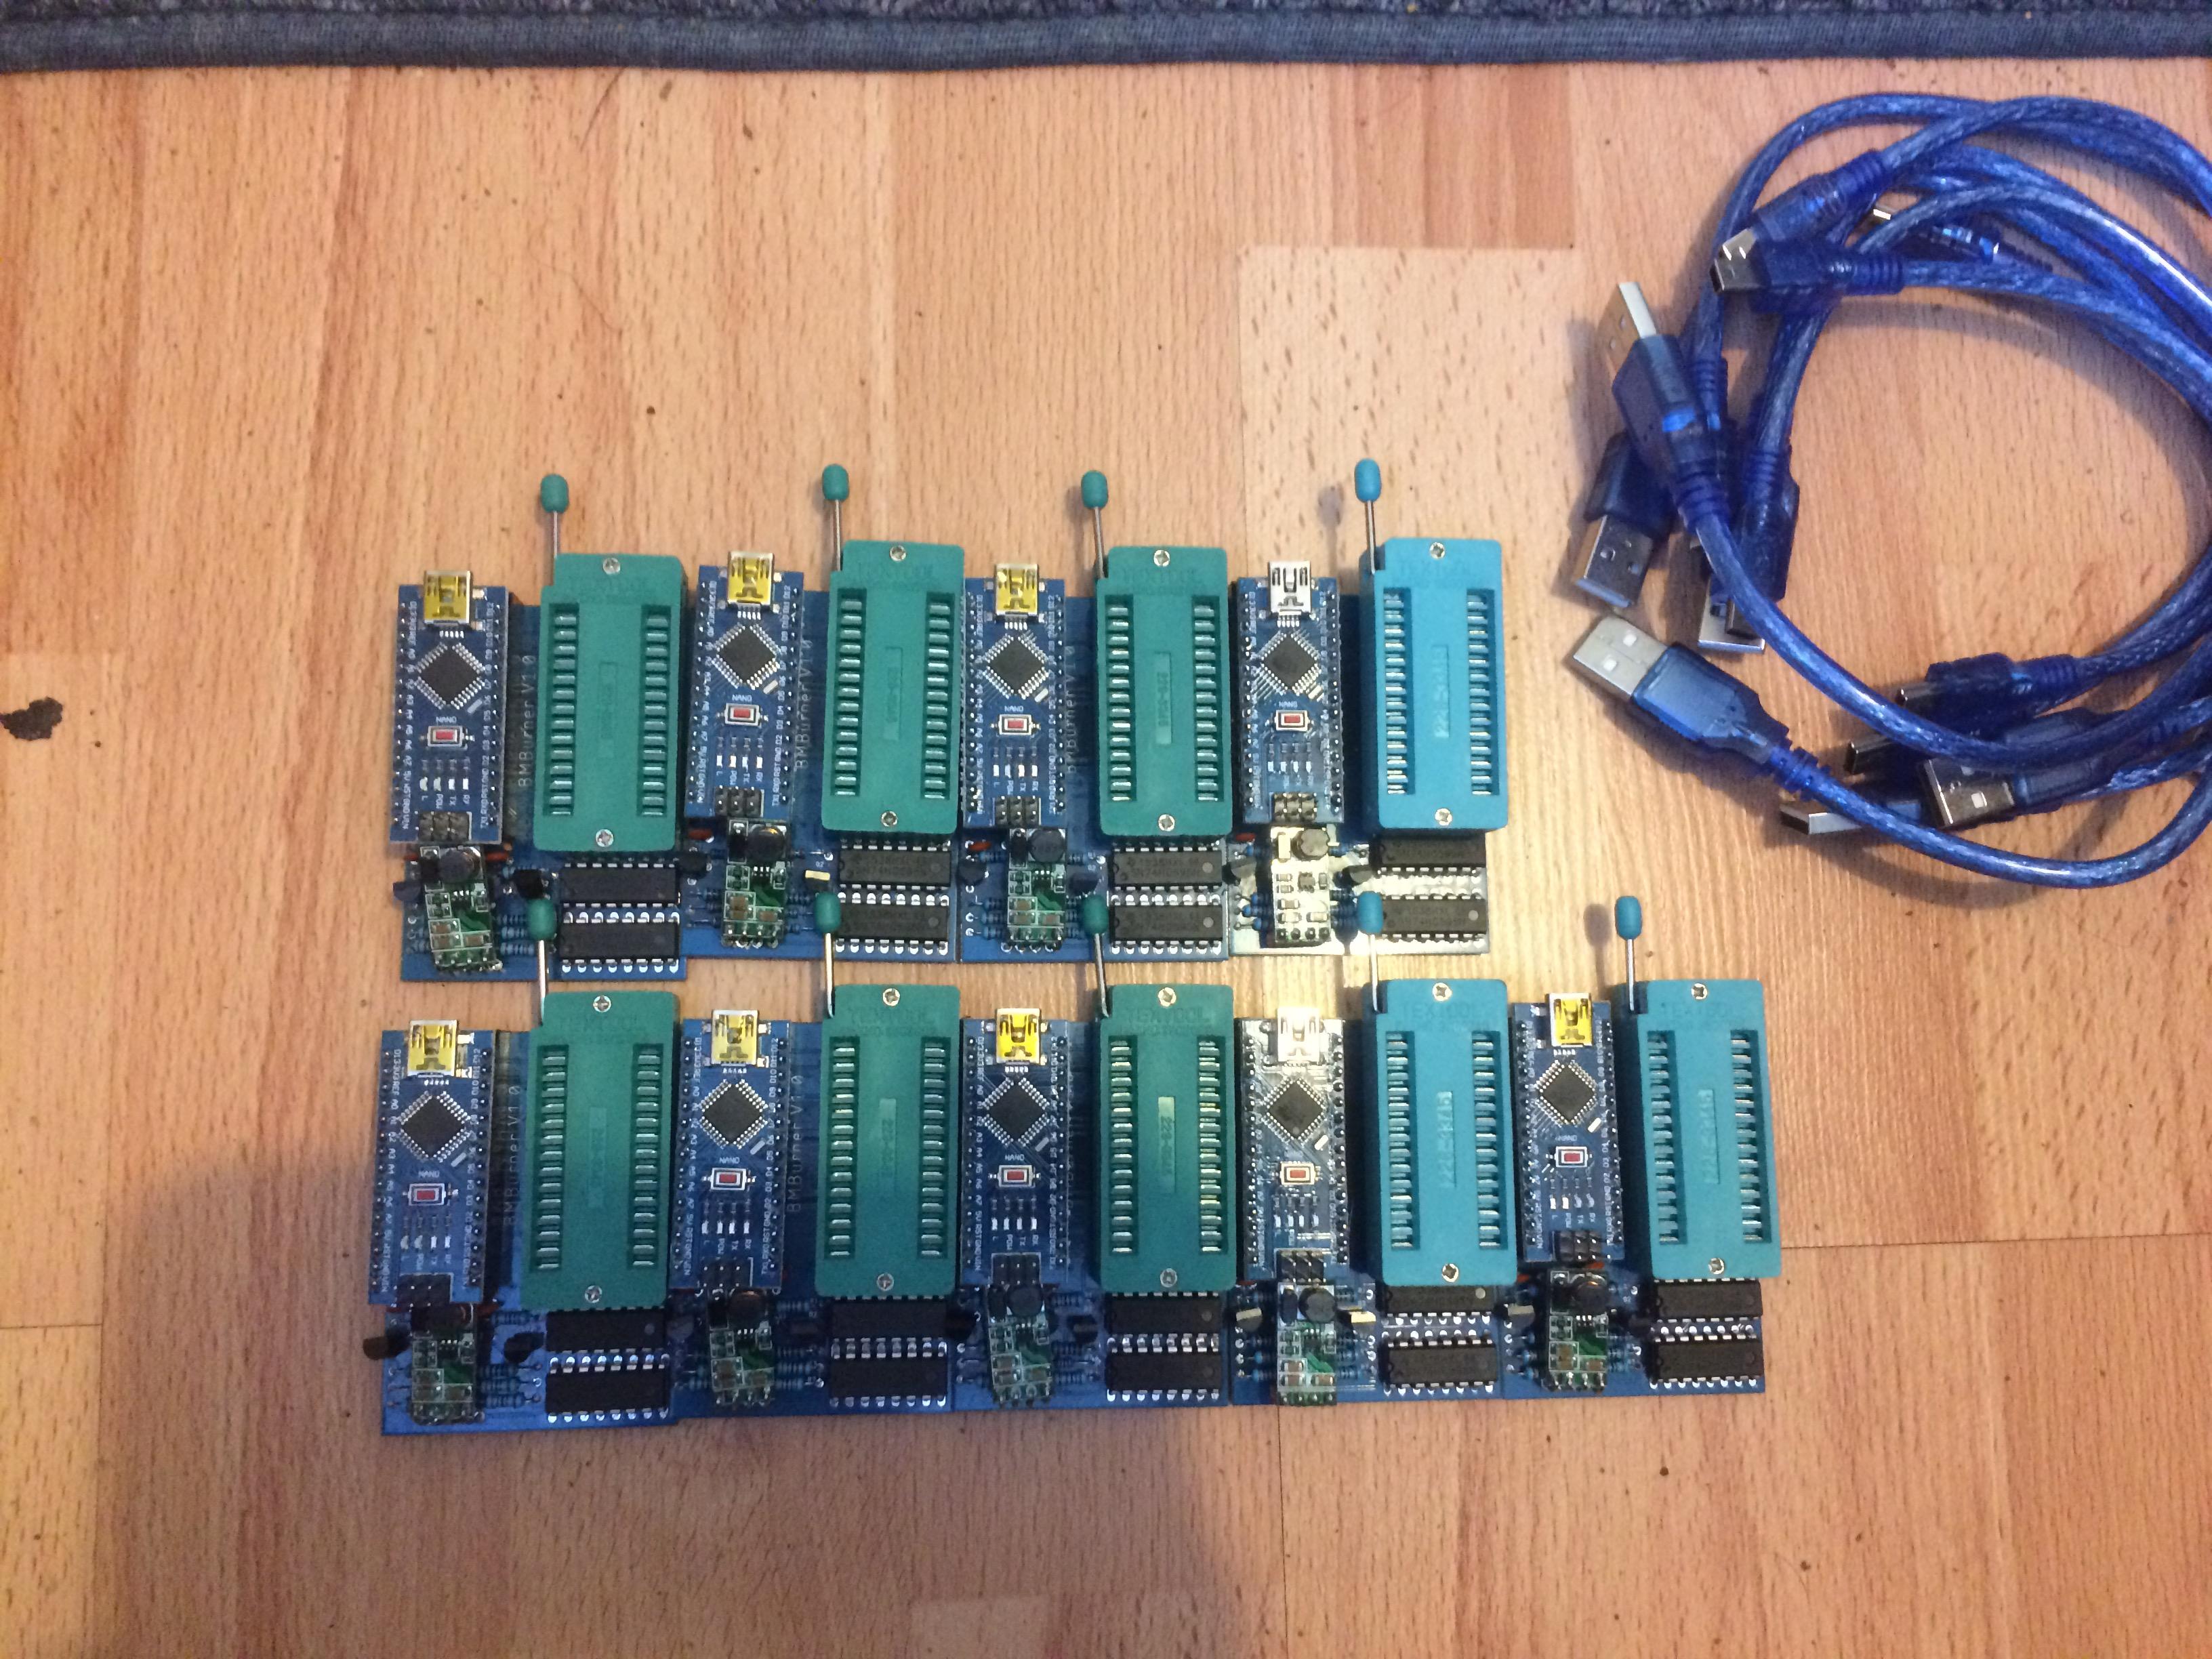 GitHub - bouletmarc/BMBurner: BMBurner is a Arduino based